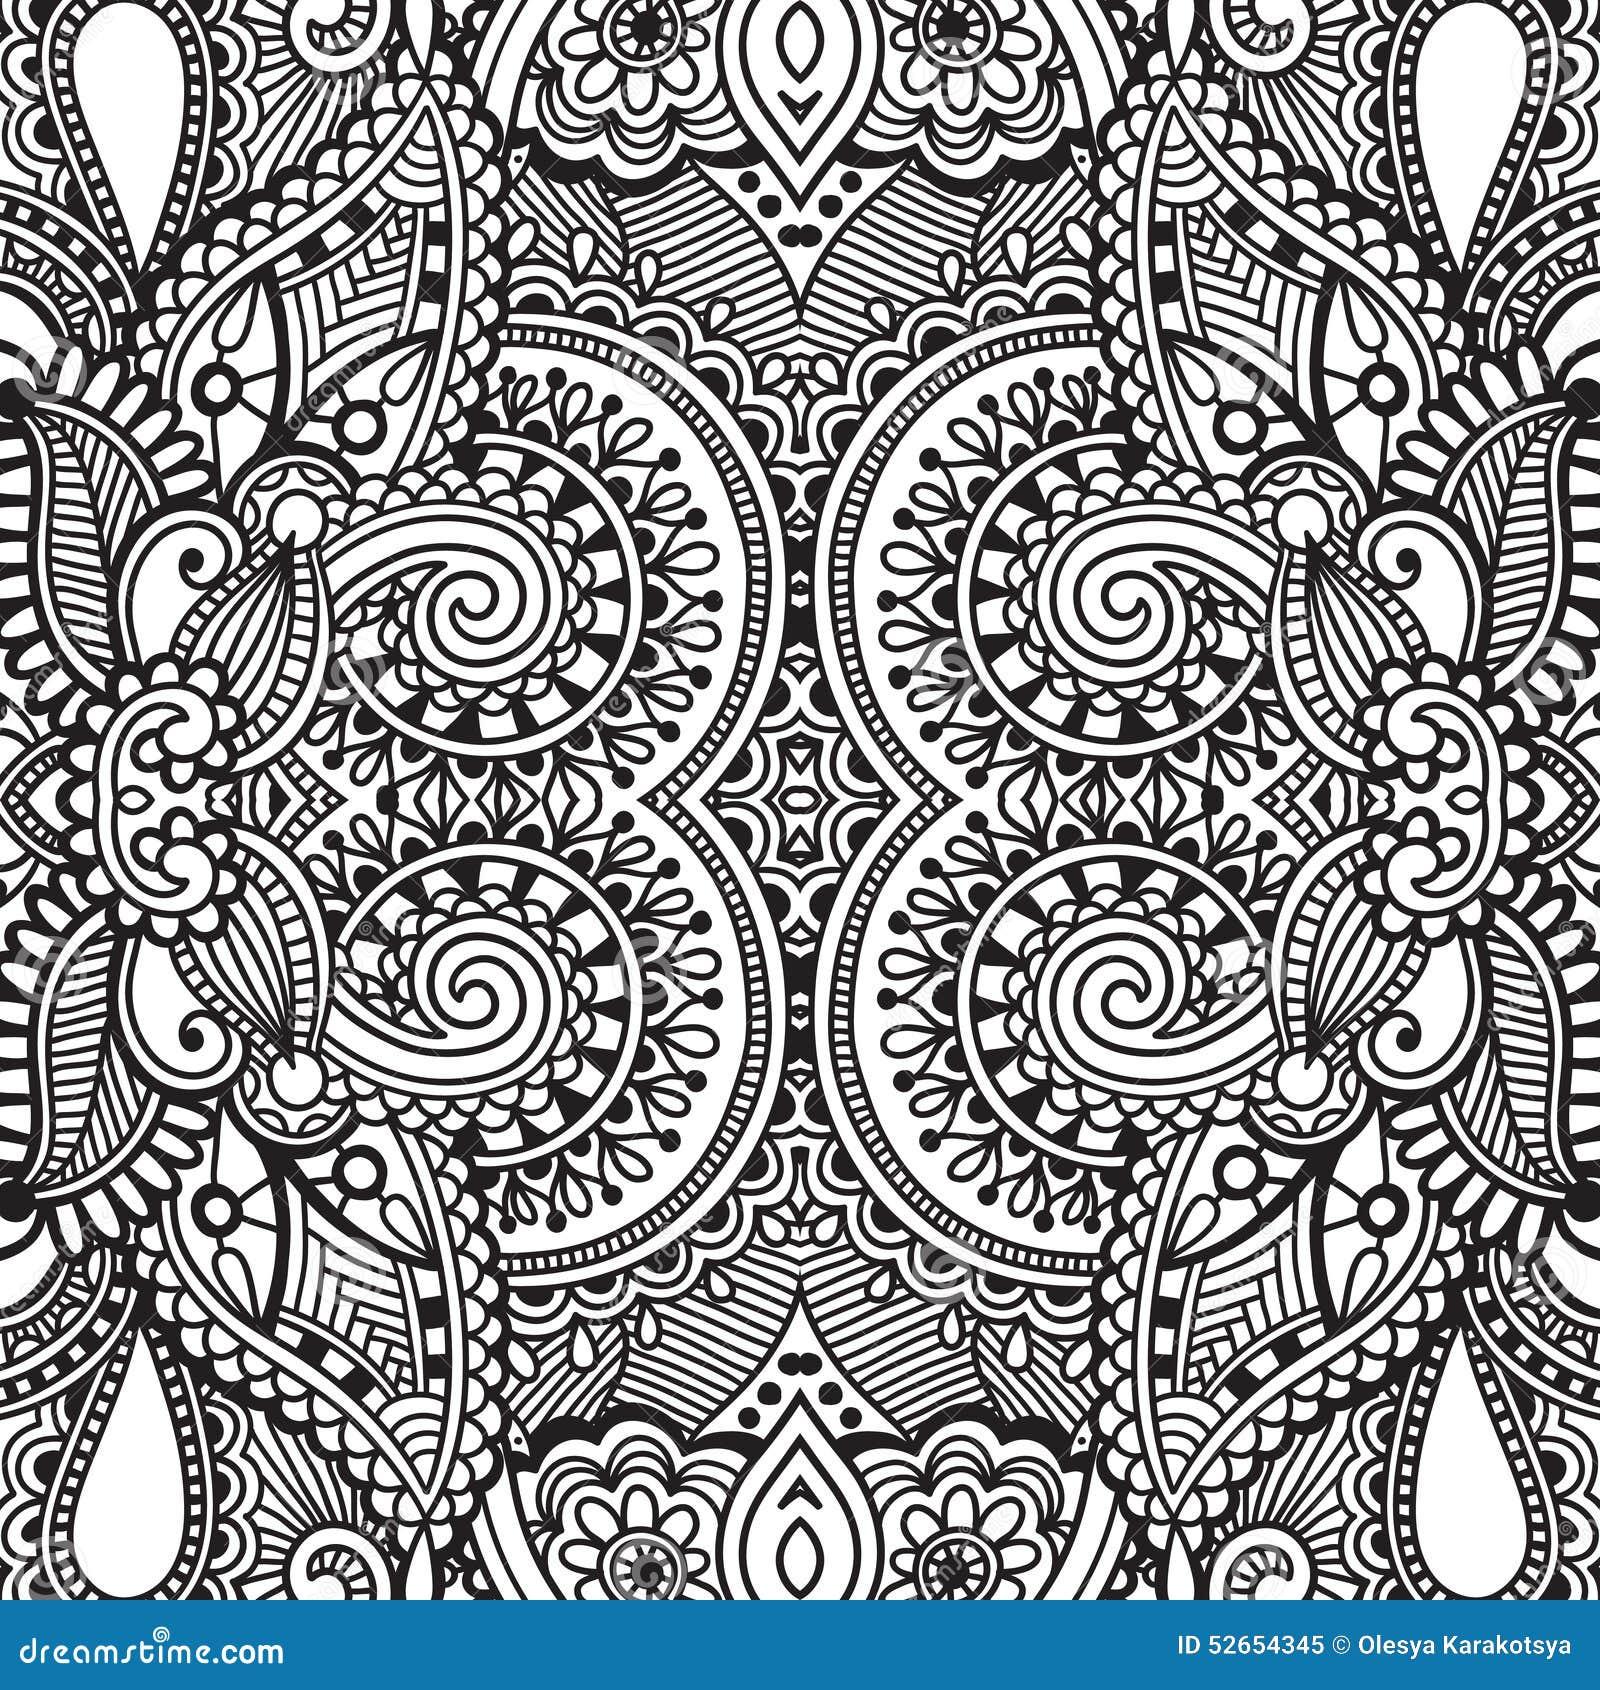 Modello senza cuciture in bianco e nero disegno della mano illustrazione vettoriale - Blanco y negro paint ...